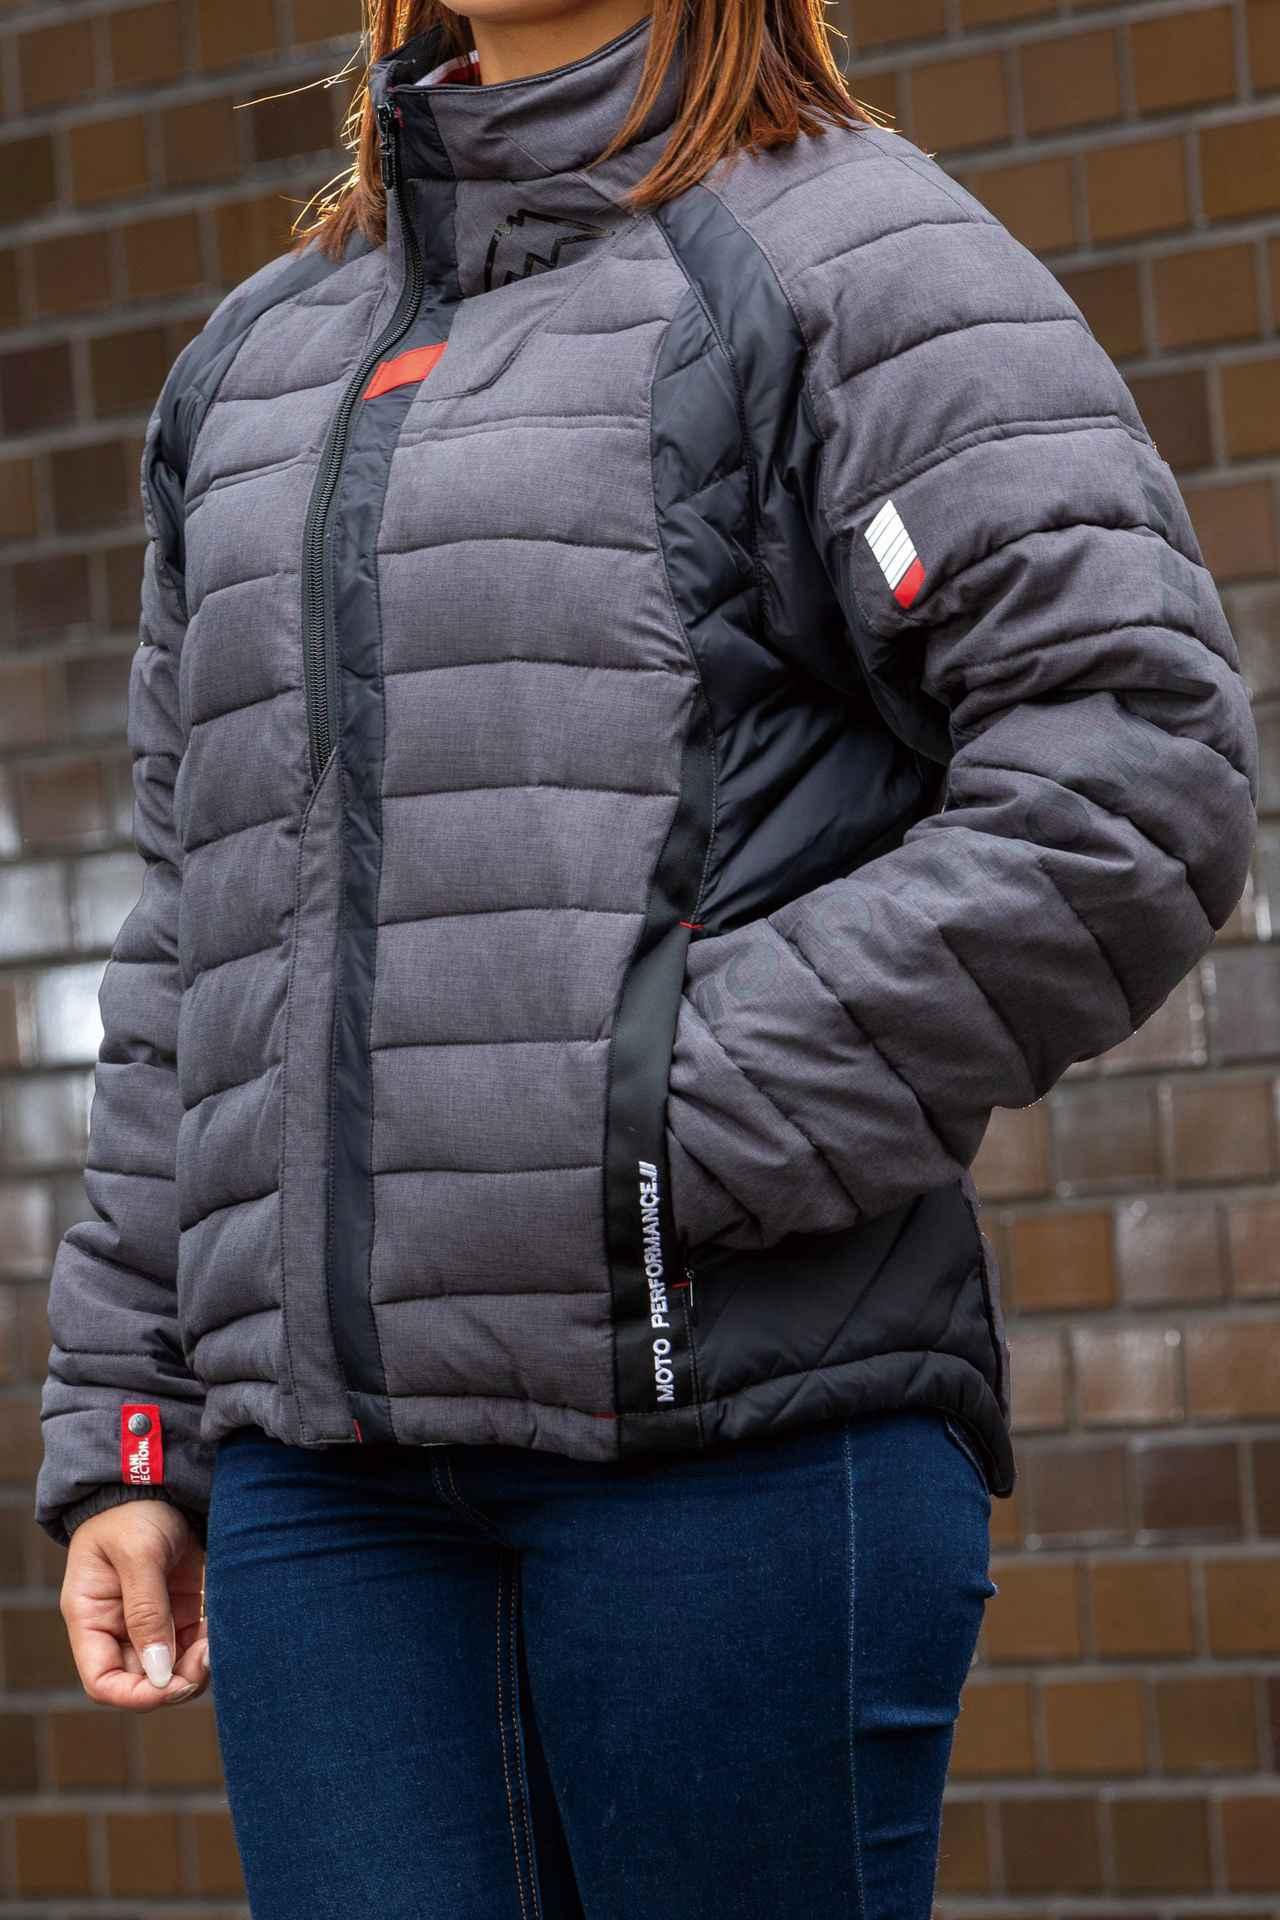 画像: 付属のインナージャケットは左右ポケットと裾アジャスターも装備し、単体でも着用できるデザイン。ポリエステル製なので家庭で洗濯できる。